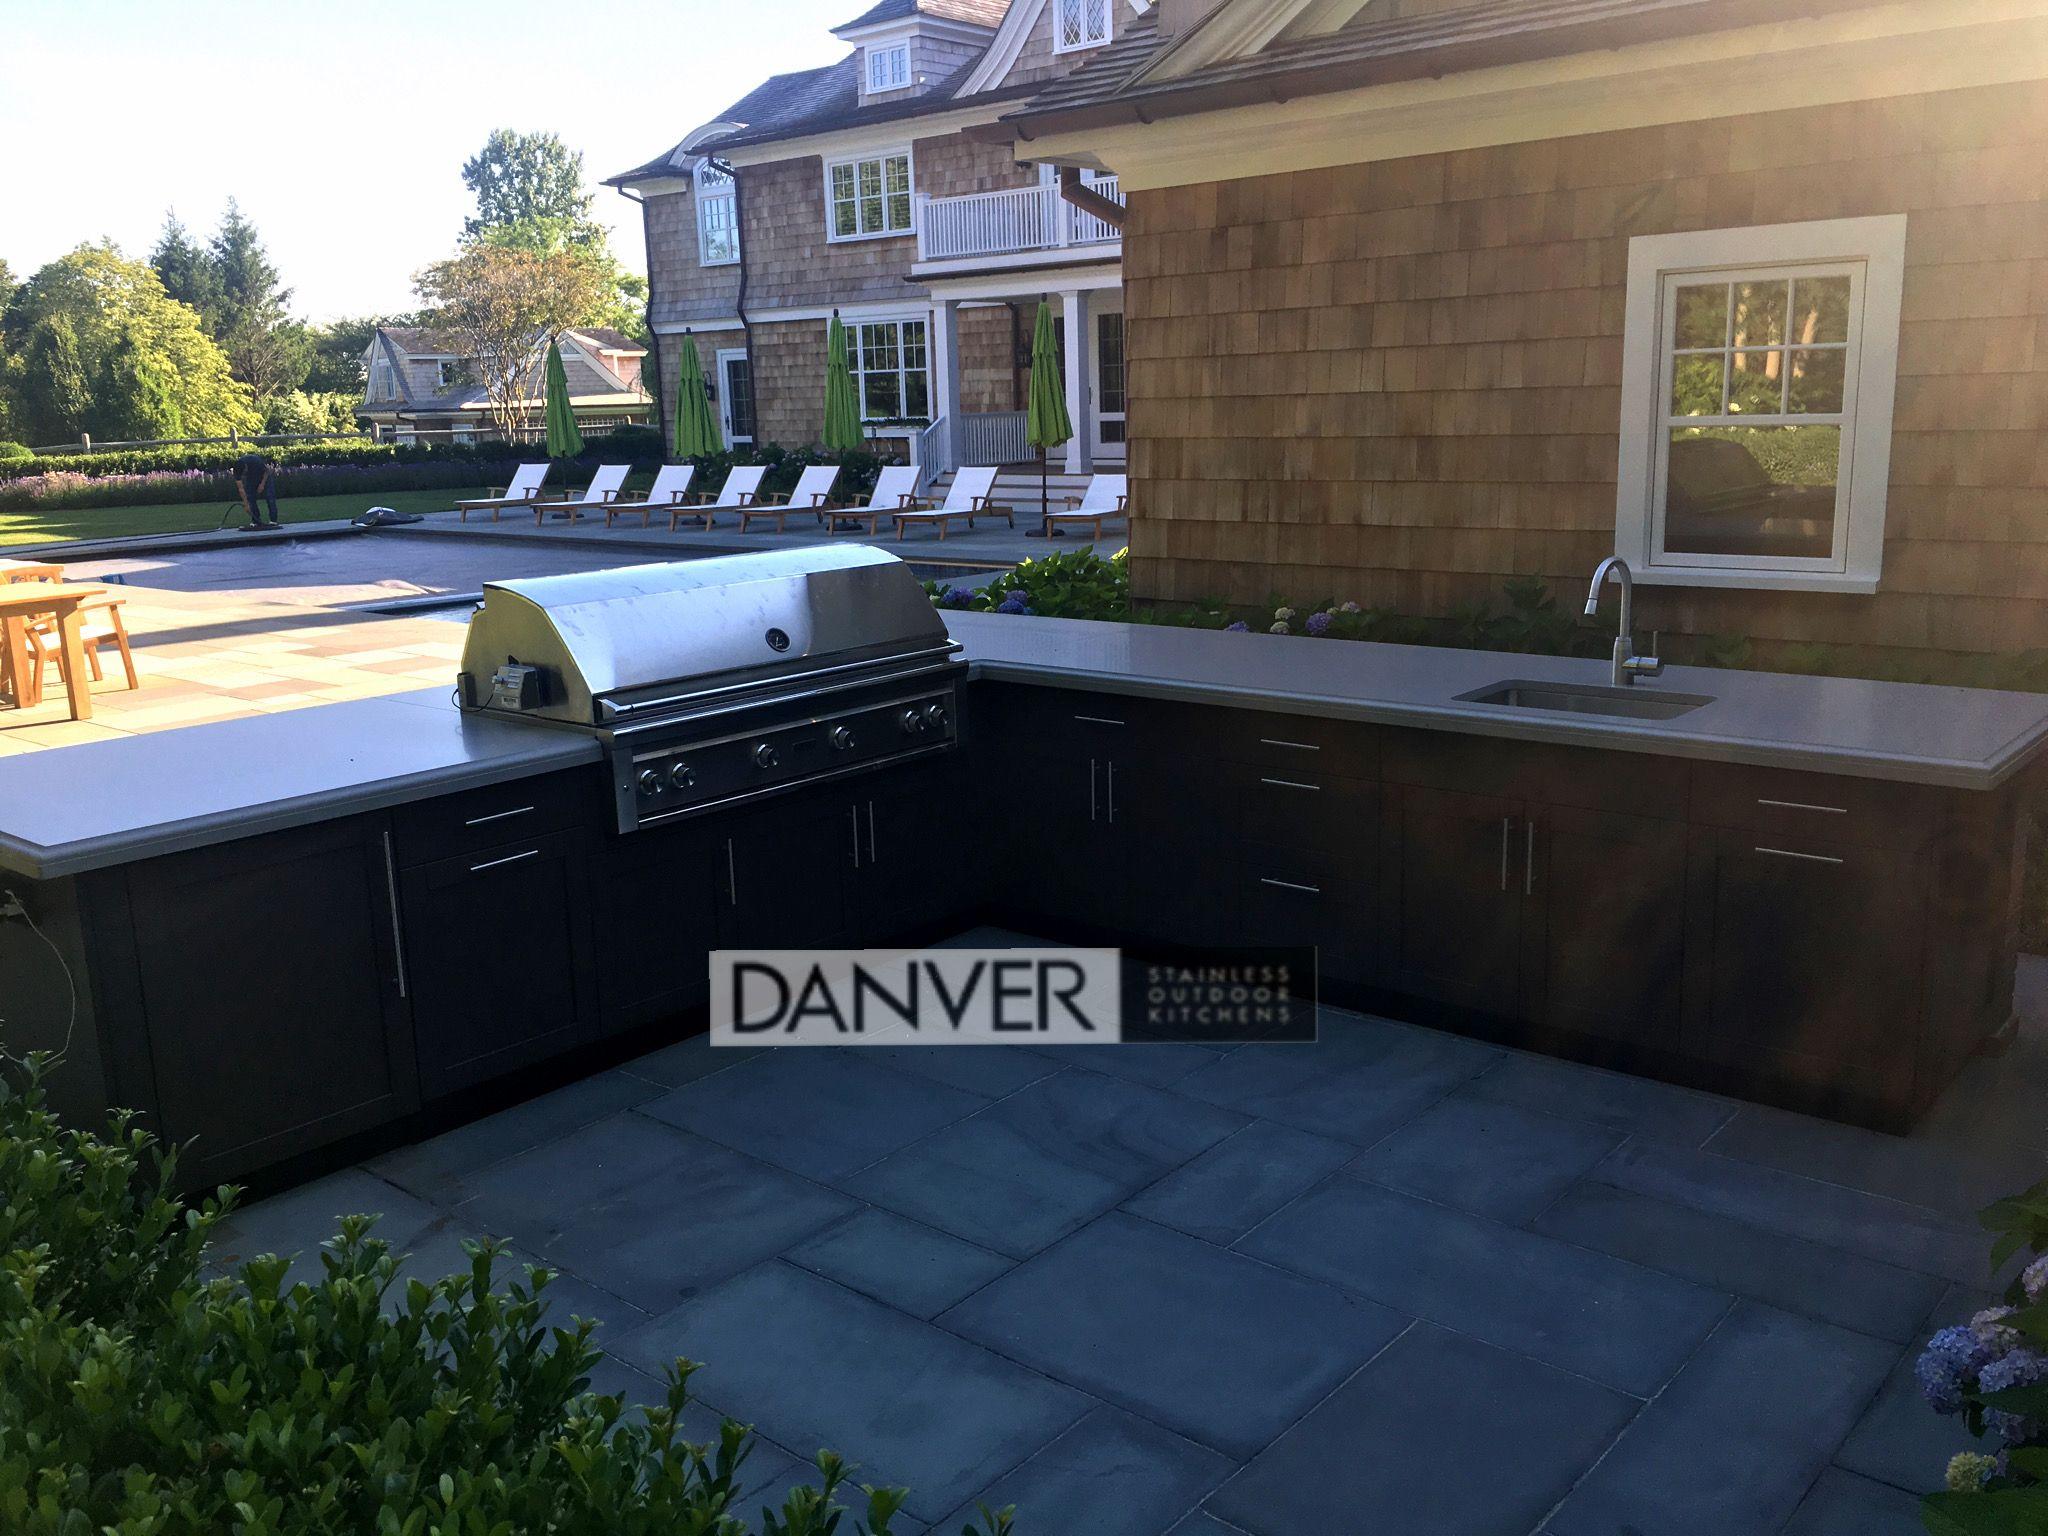 Danver Stainless Steel Outdoor Kitchen Outdoor Kitchen Outdoor Kitchen Cabinets Luxury Outdoor Kitchen